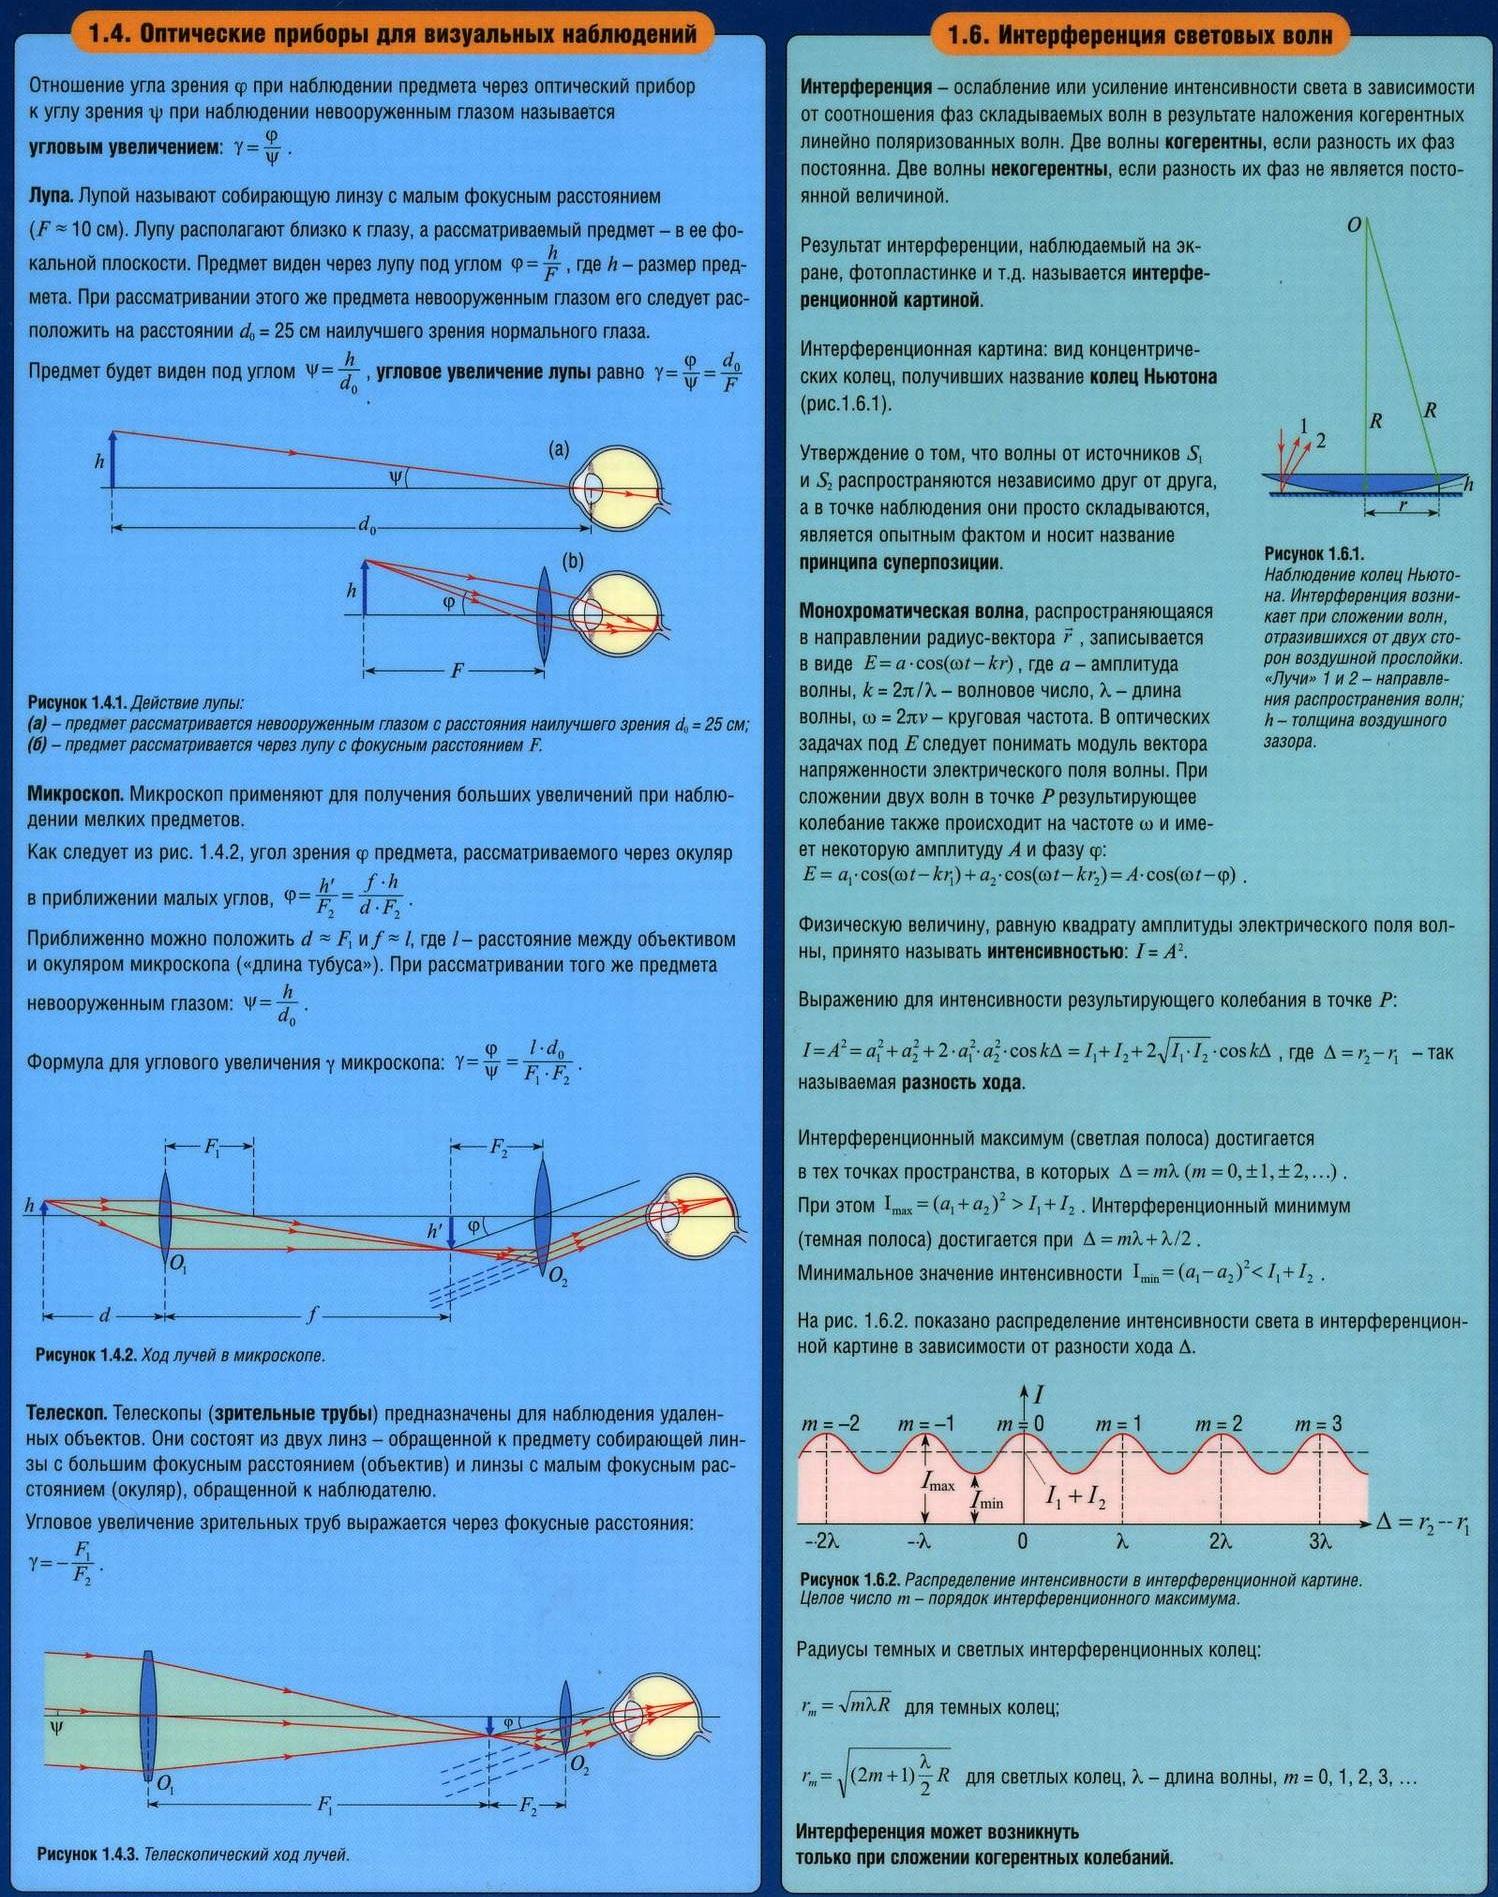 Оптические приборы: лупа, микроскоп, телескоп. Интерференция световых волн.